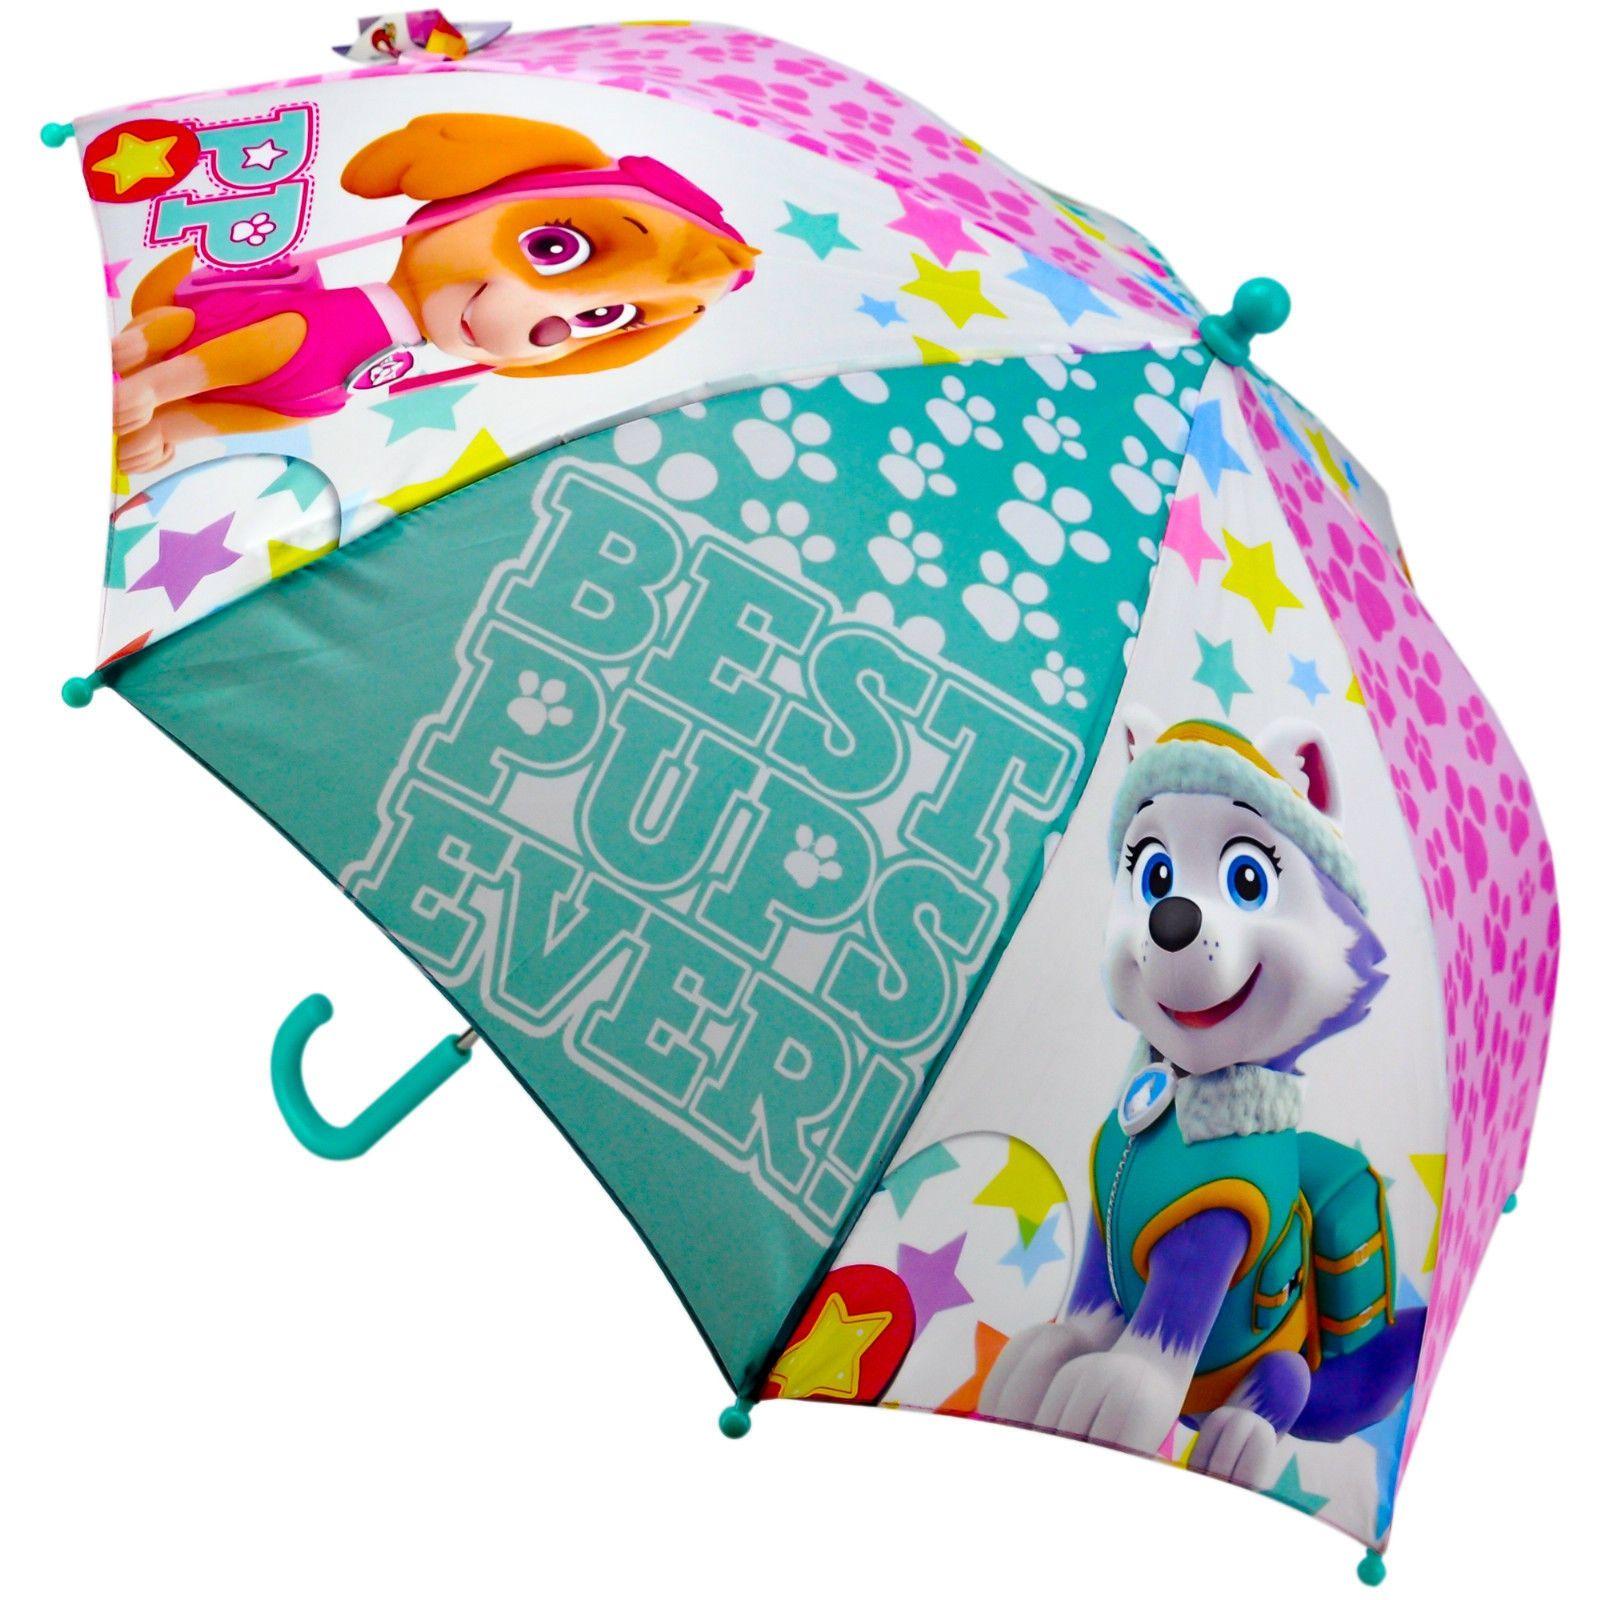 Paraguas de Patrulla Canina - Paw Patrol Skye & Everest